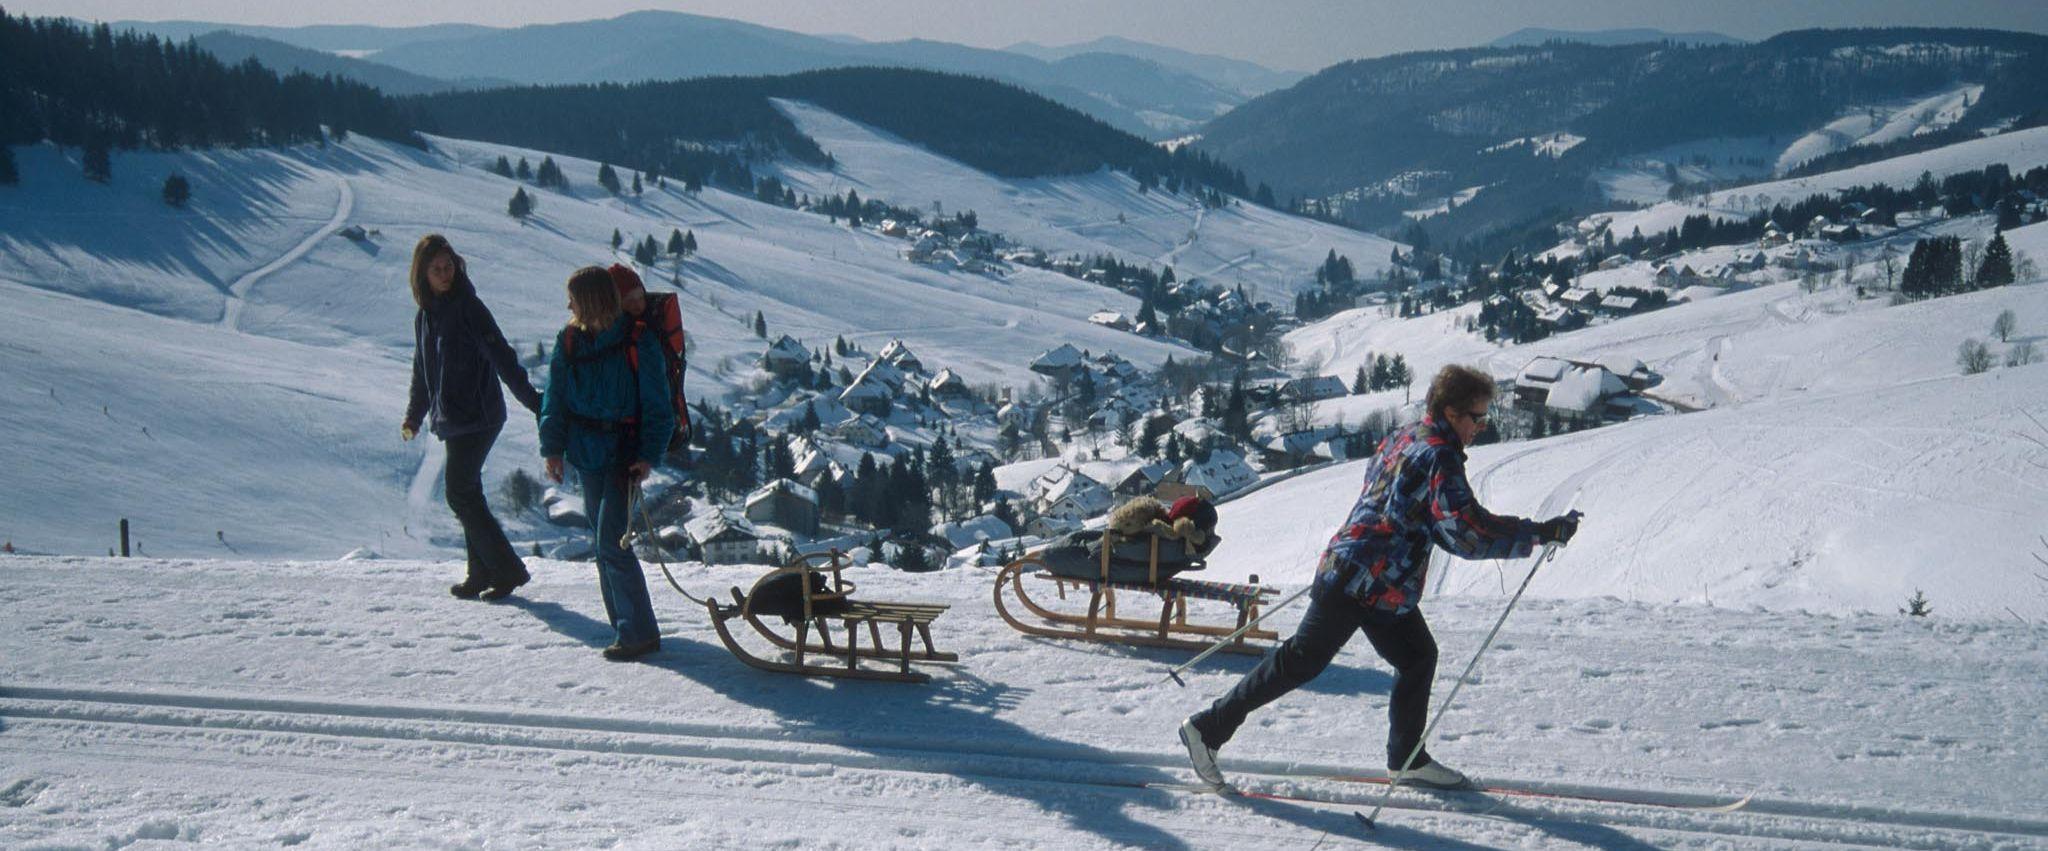 Winterwelt im Südschwarzwald